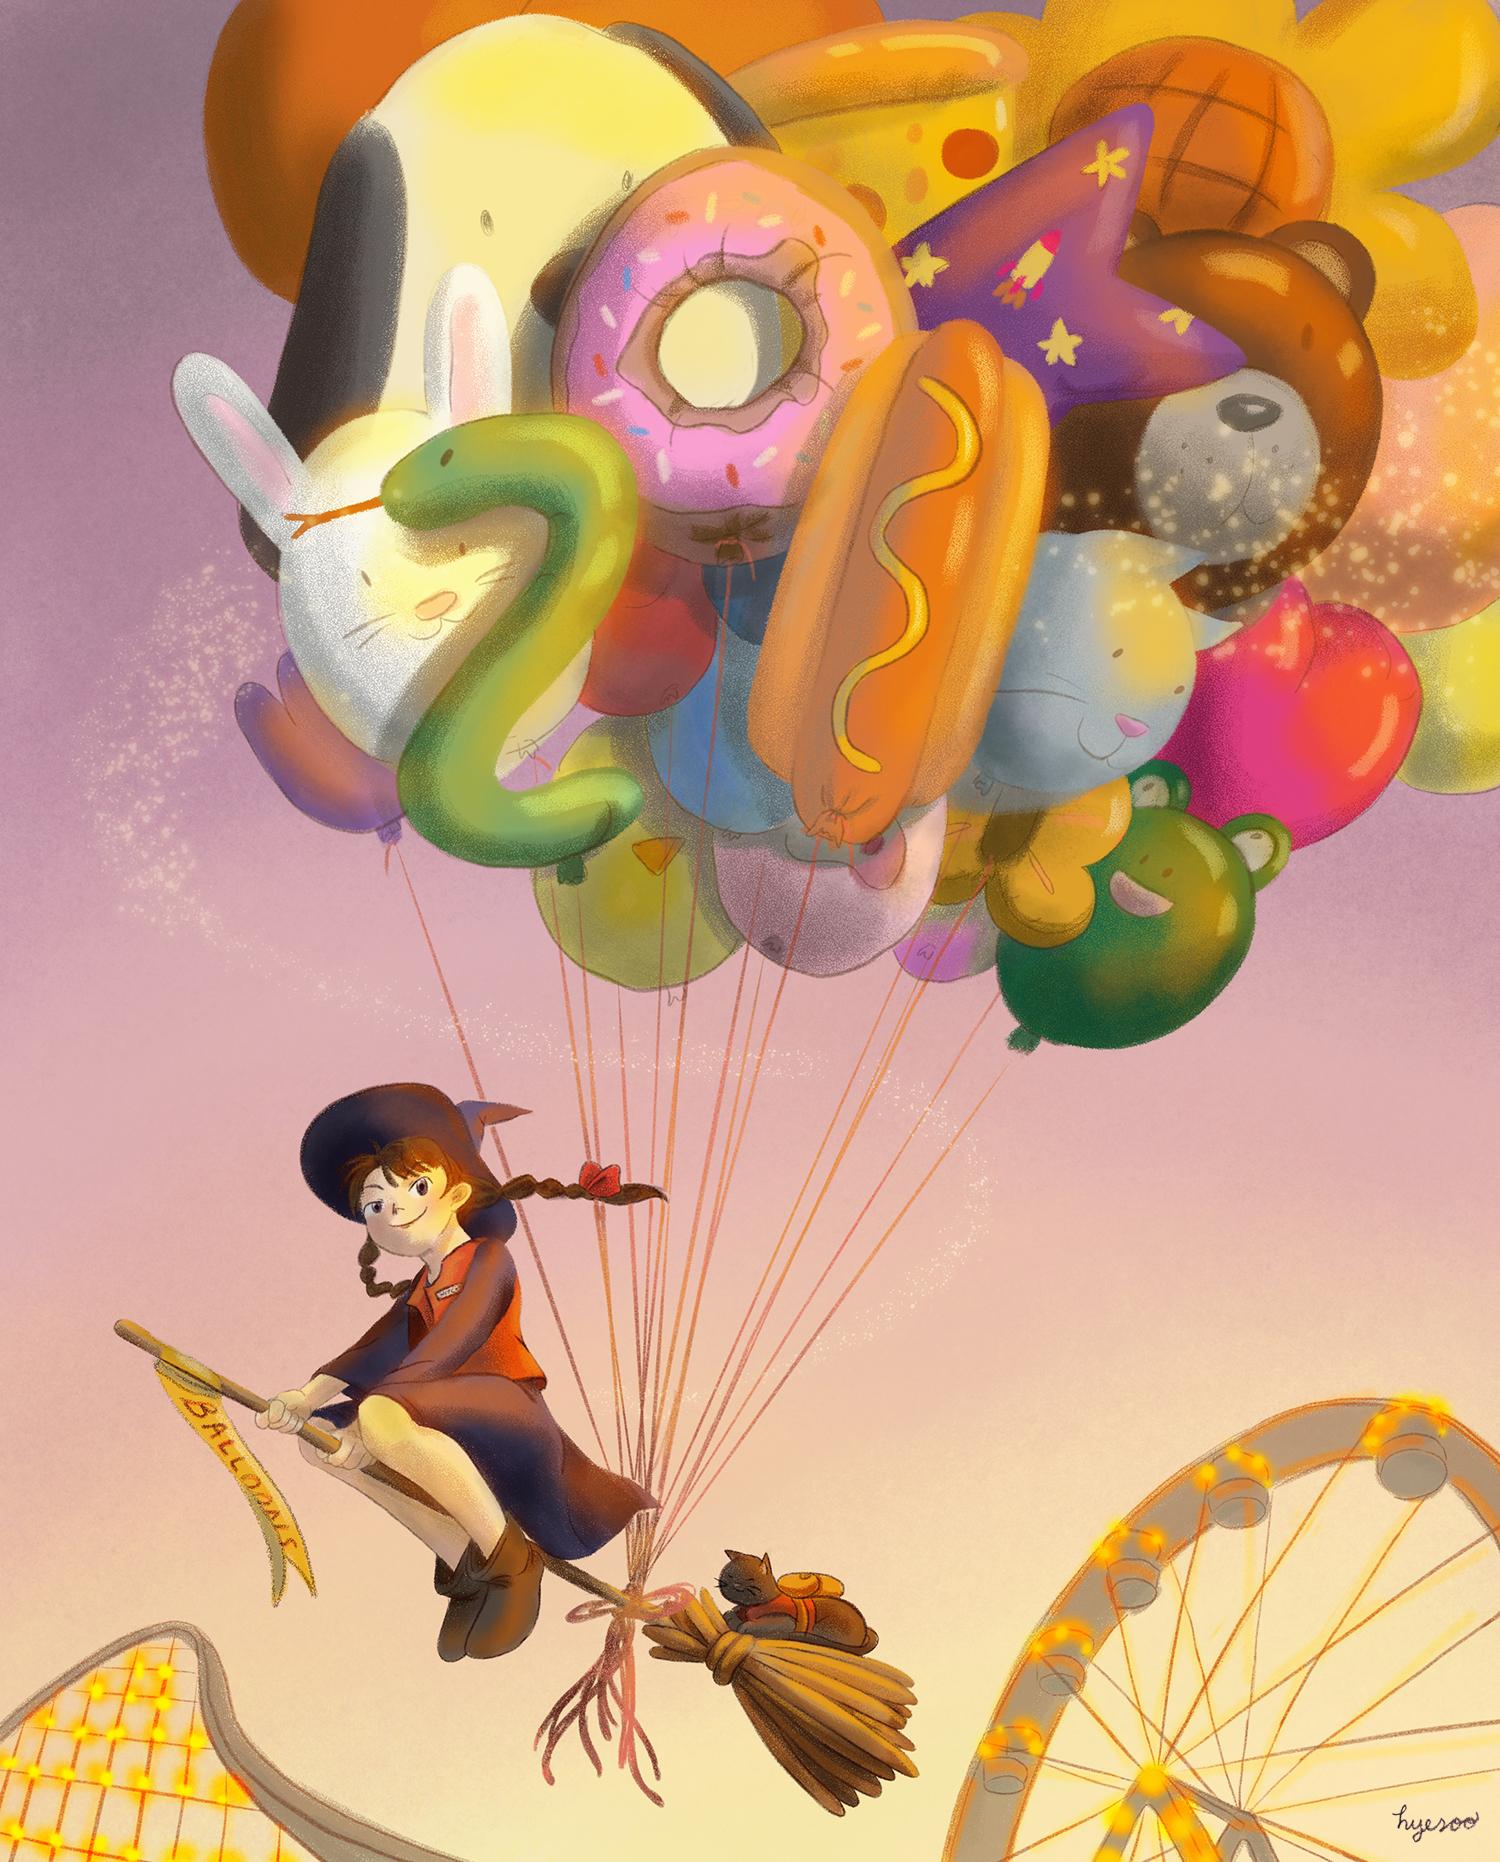 Untitled, Hyesoo Kim, Illustration